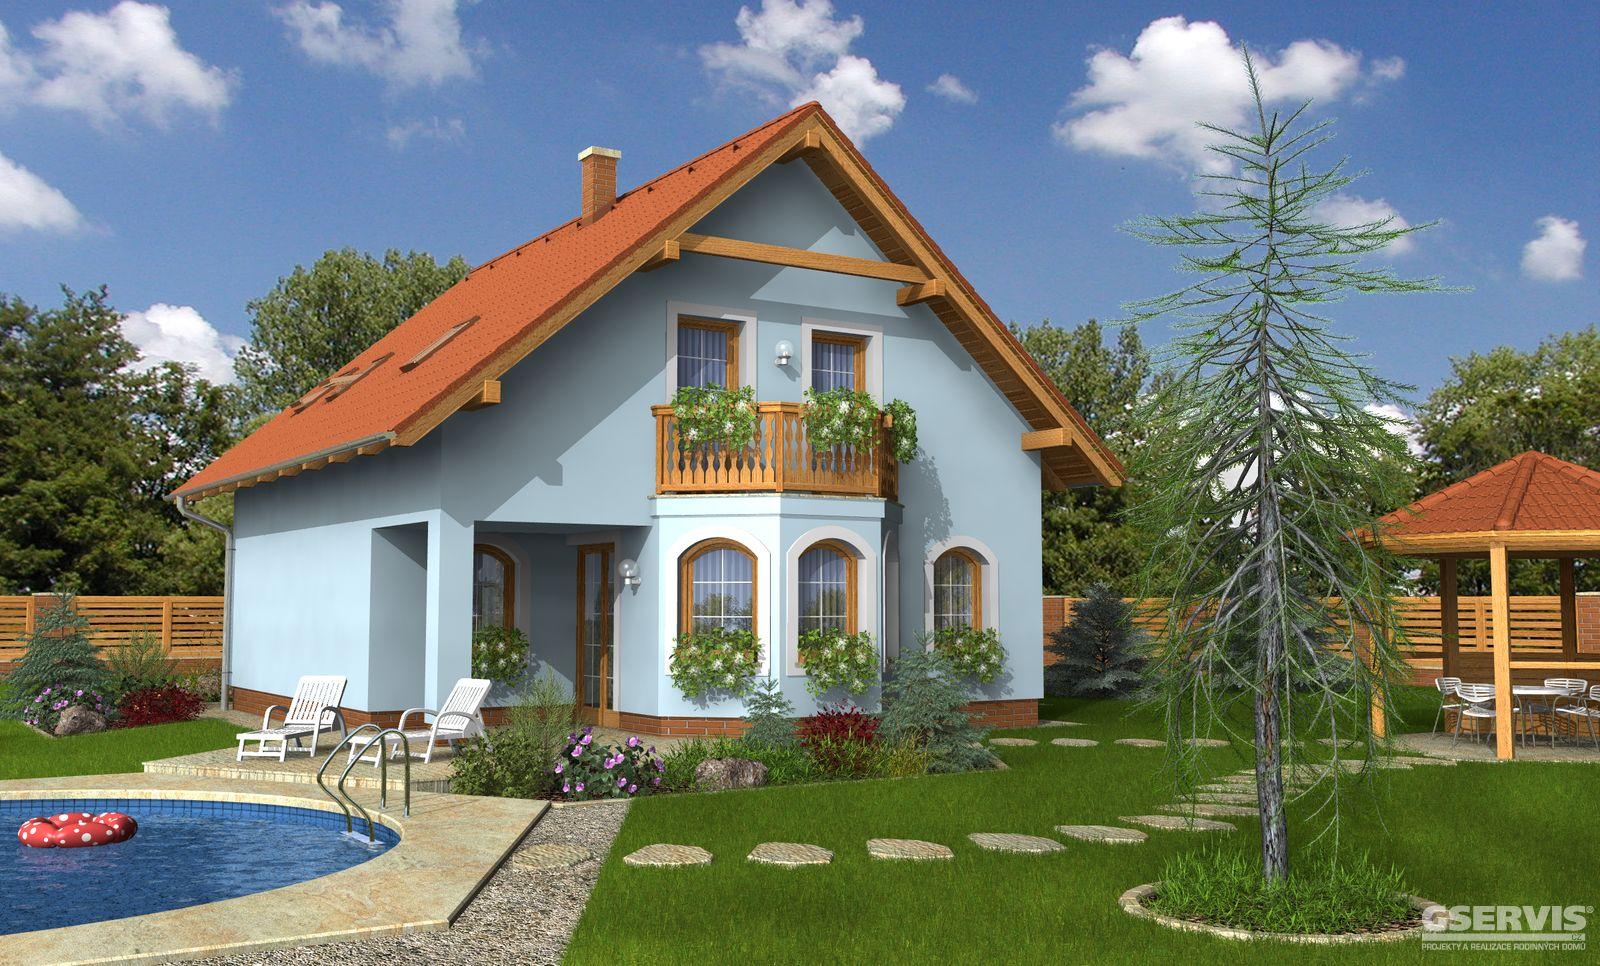 Каркасные дома в новосибирске цены на строительство.